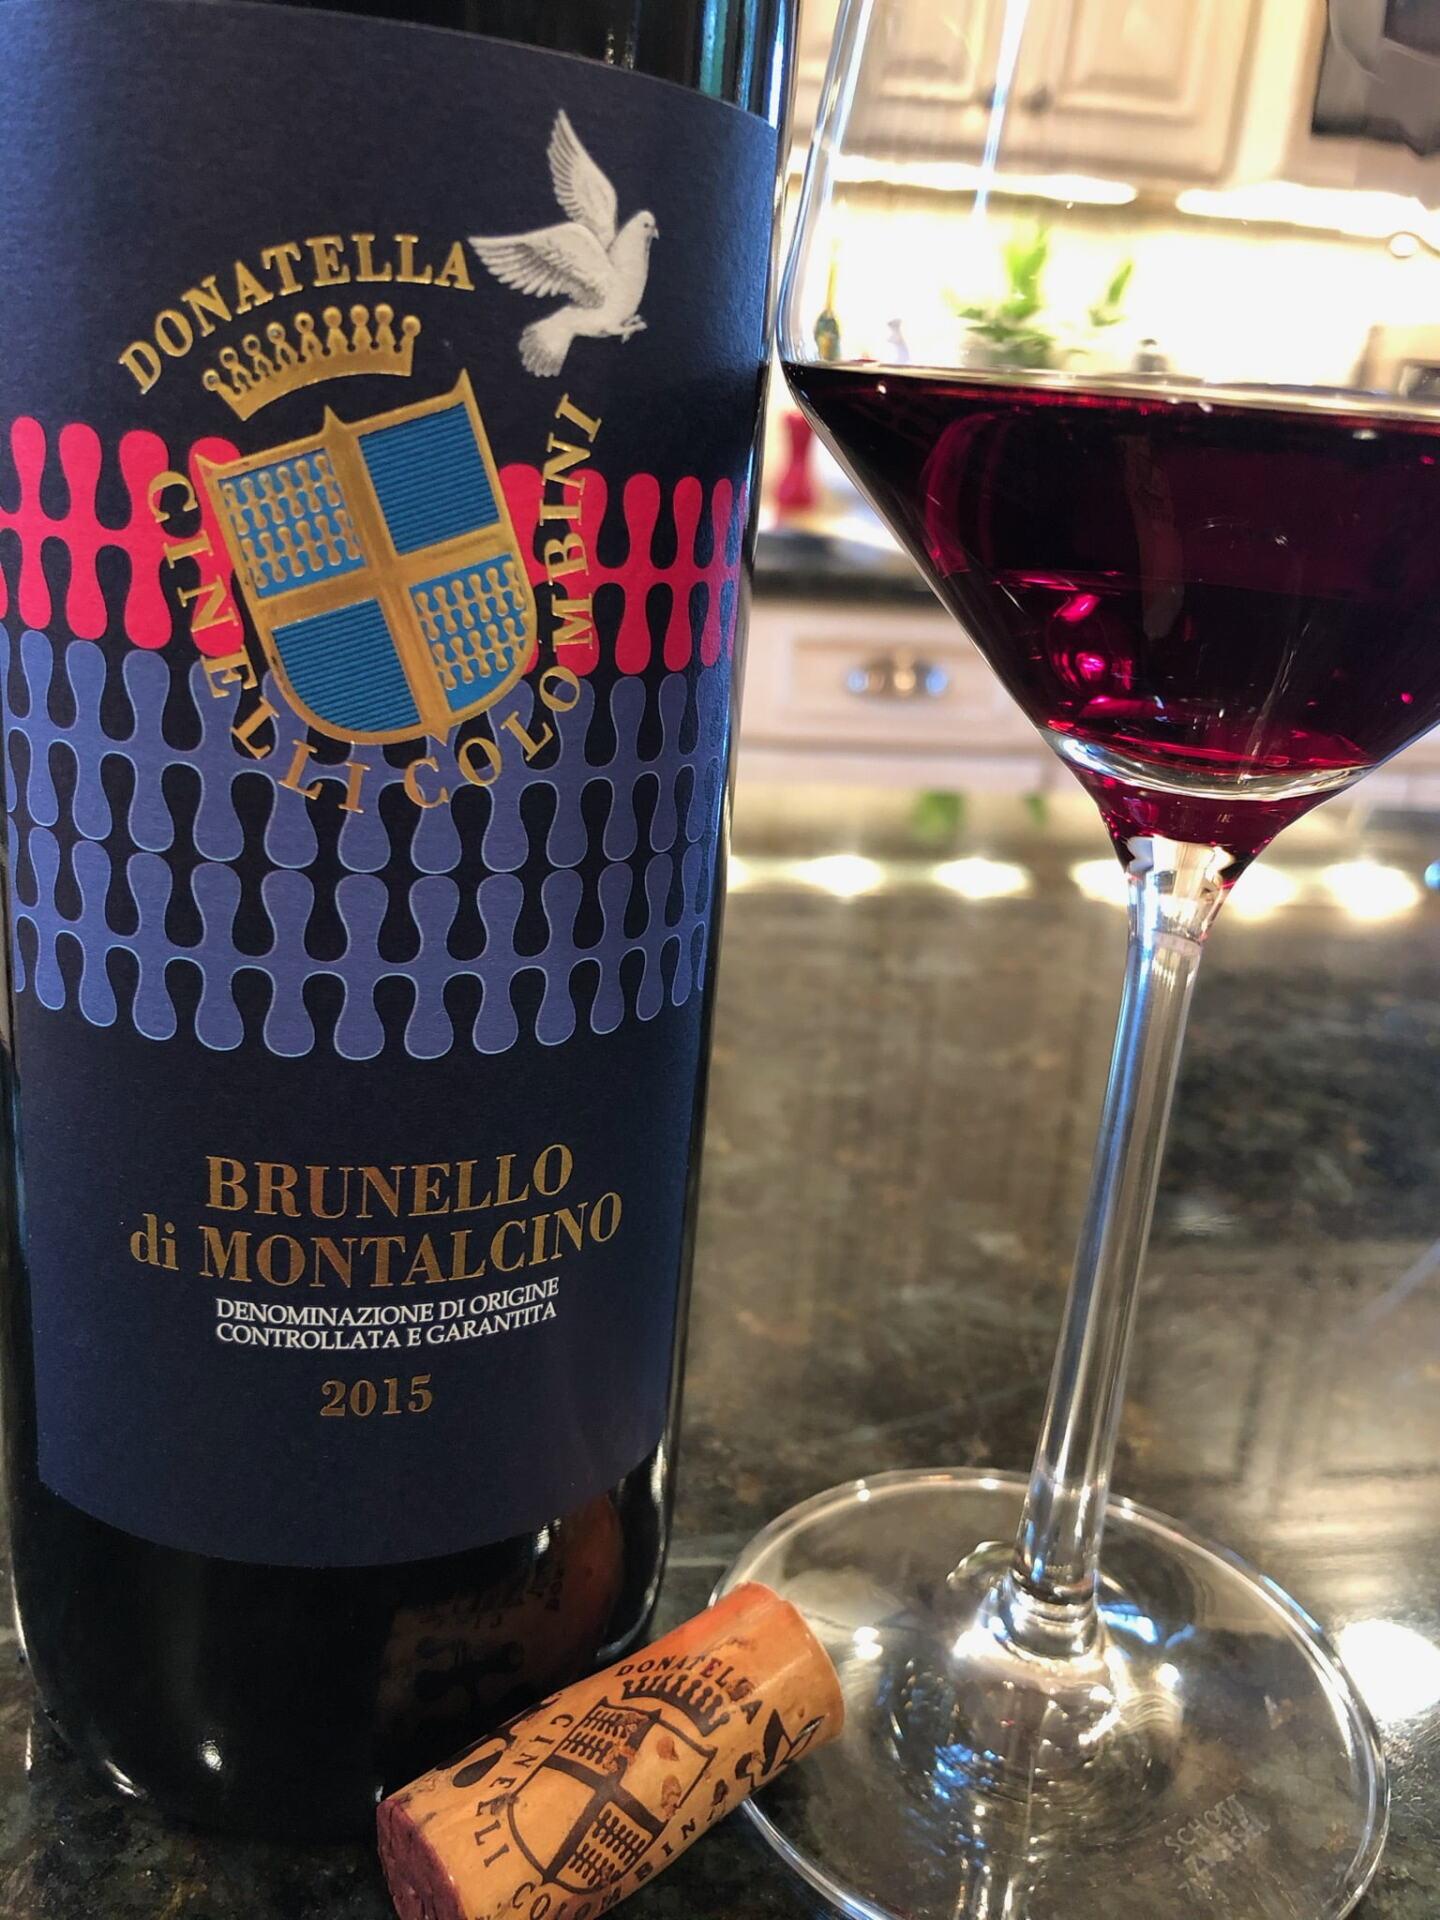 Donatella Brunello in glass